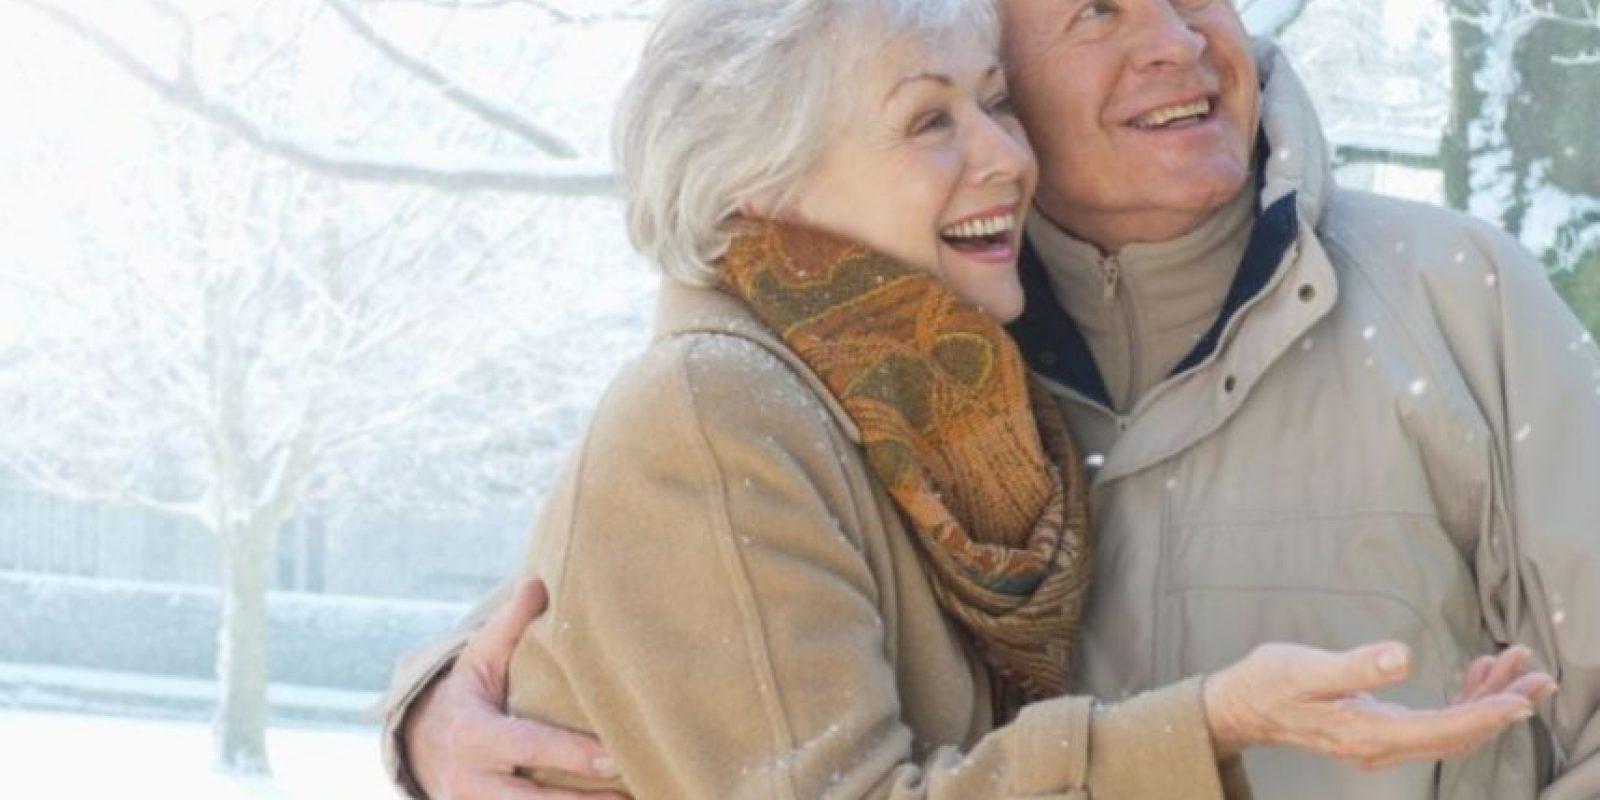 Estuvo 65 años casado y le dedicó un poema viral a su esposa muerta Foto:Getty Images